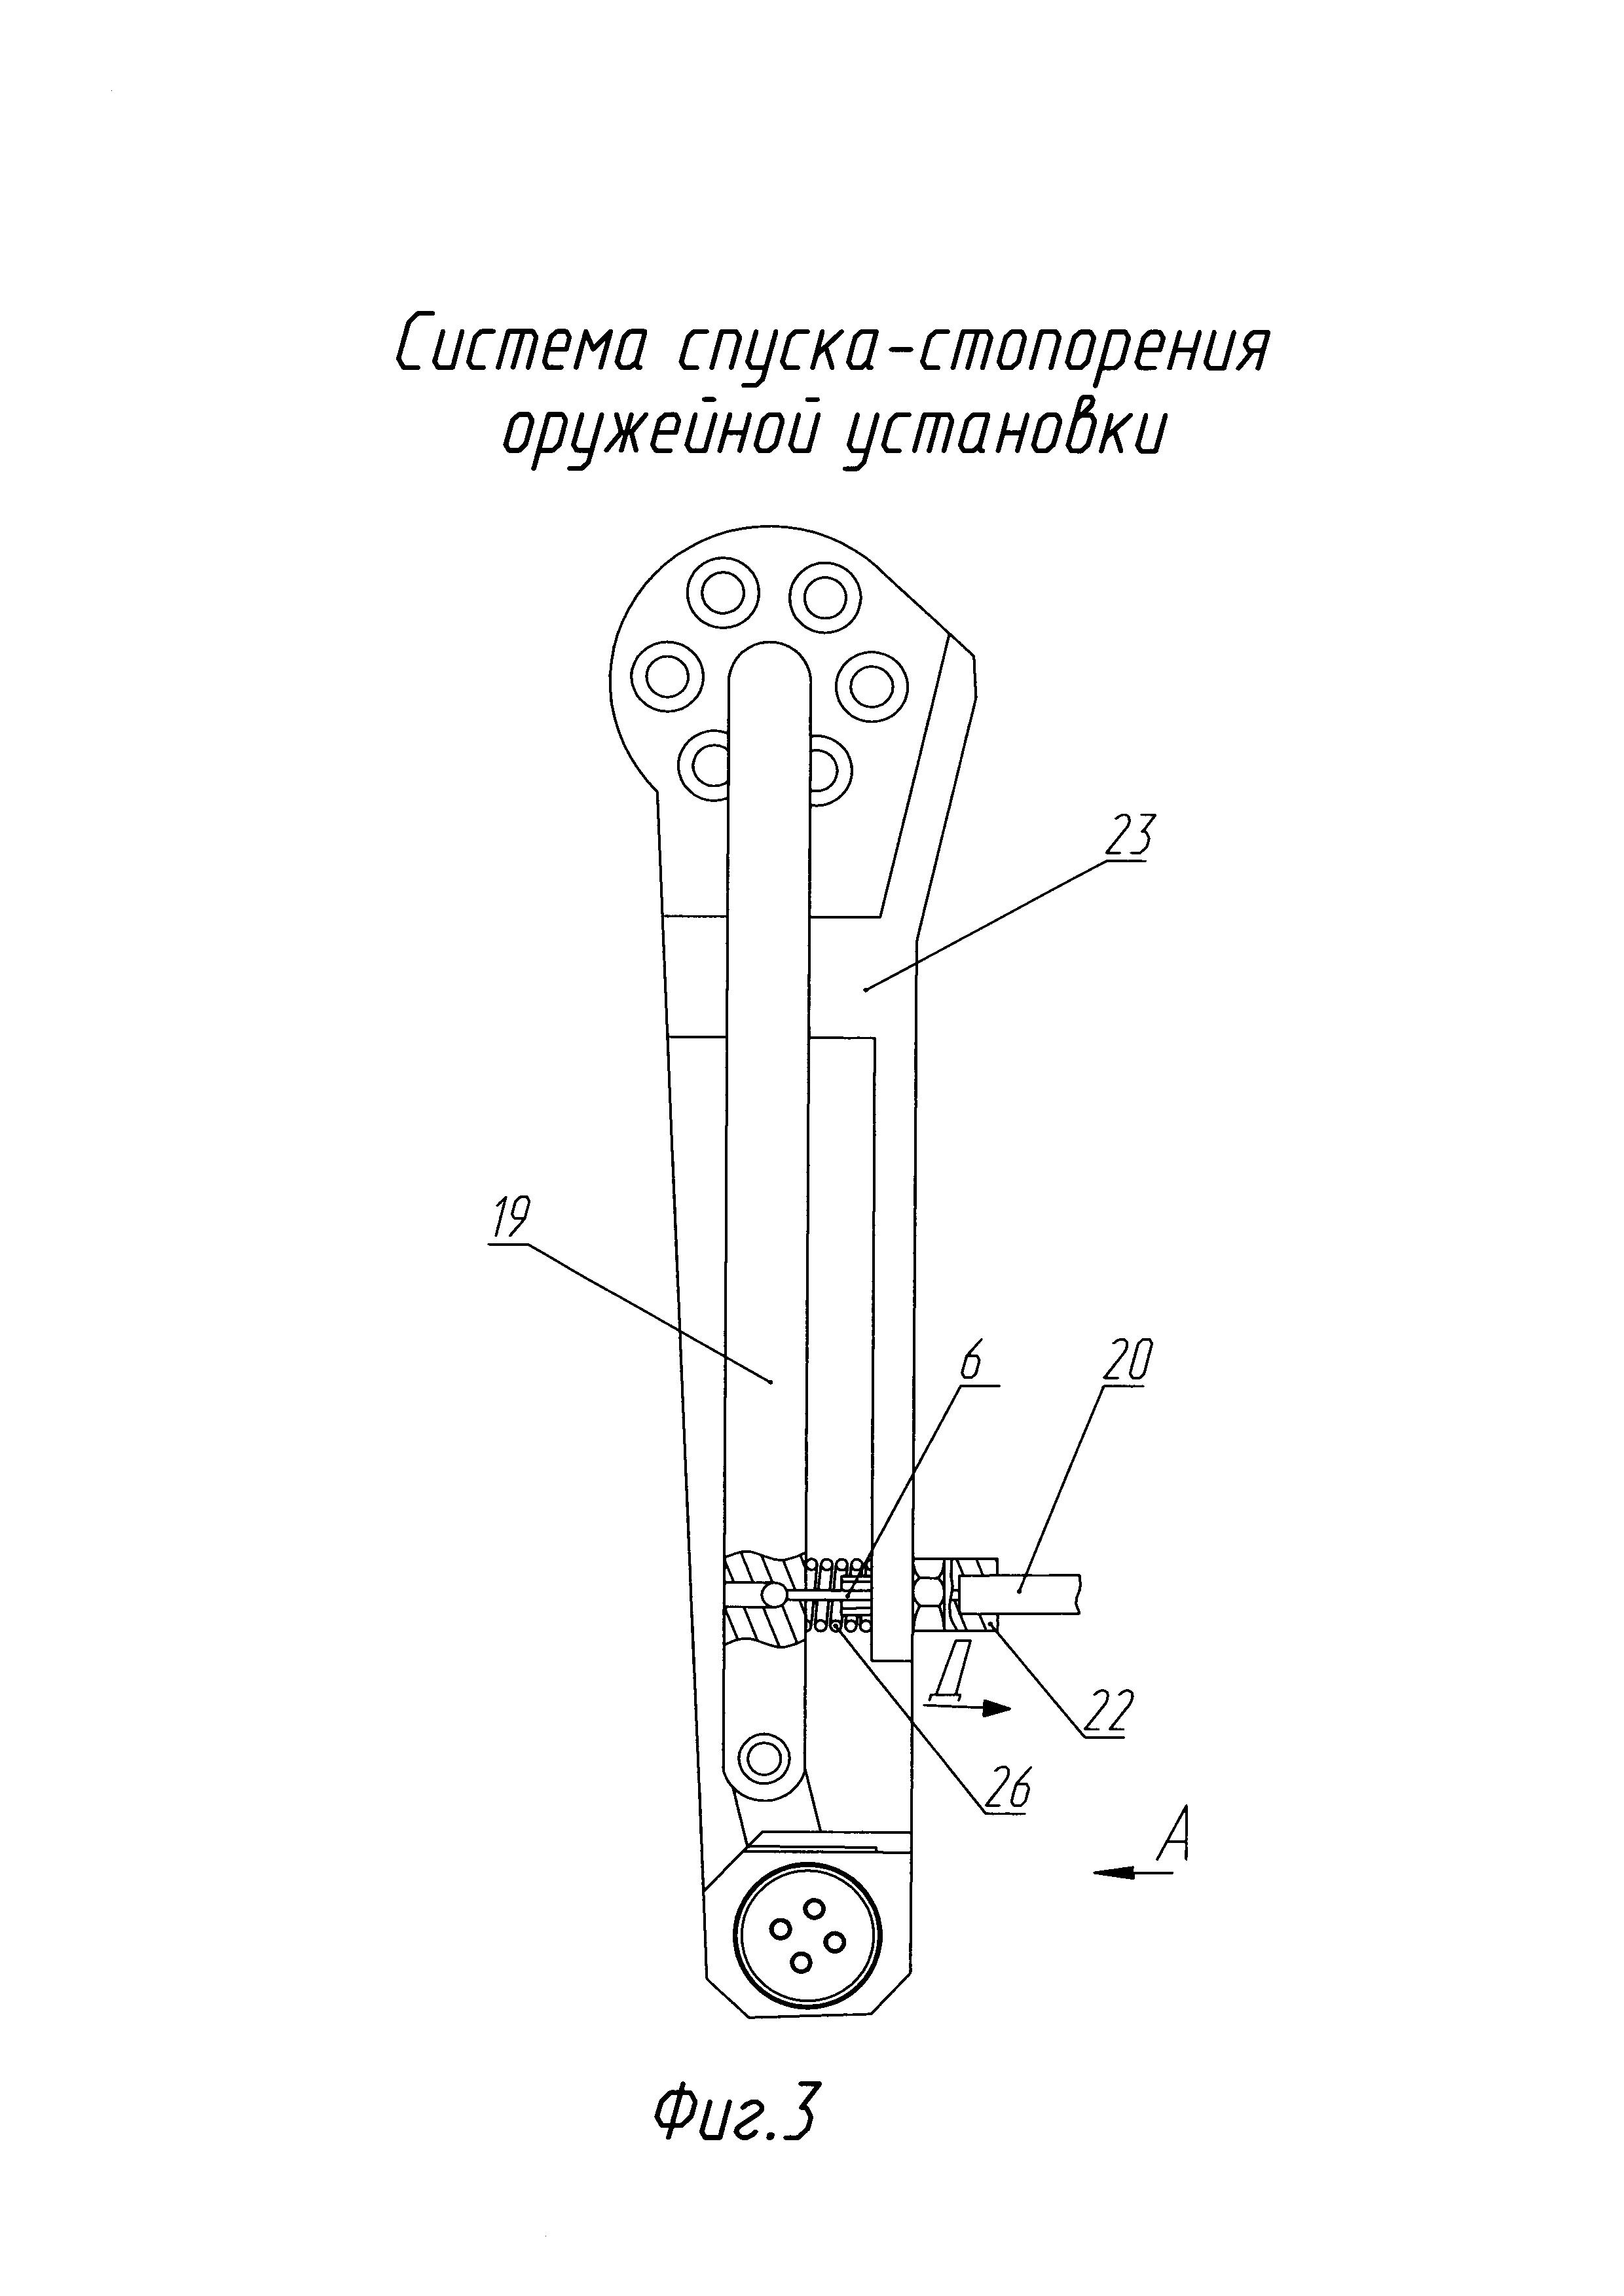 Система спуска-стопорения оружейной установки